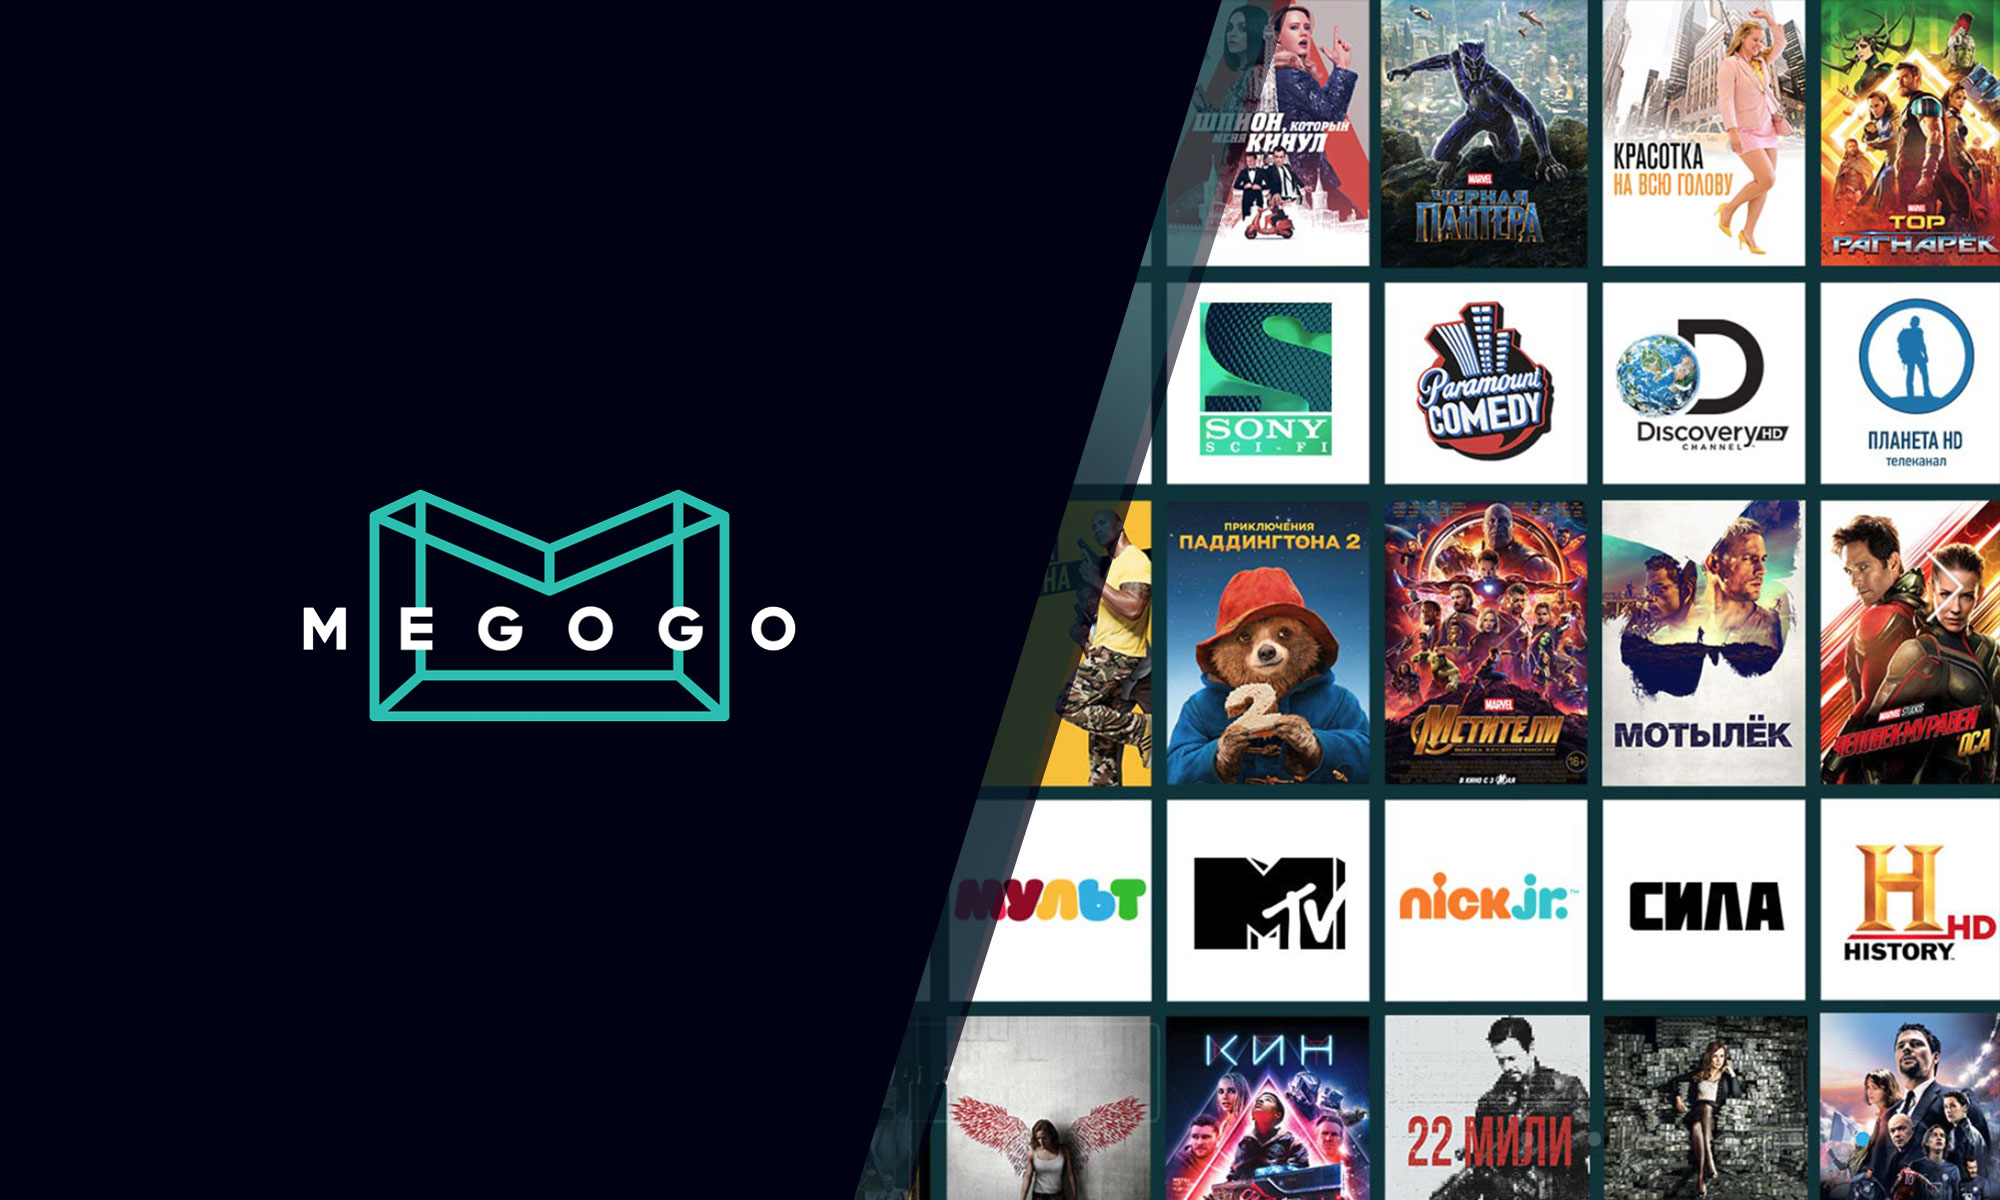 Megogo бесплатная подписка на год